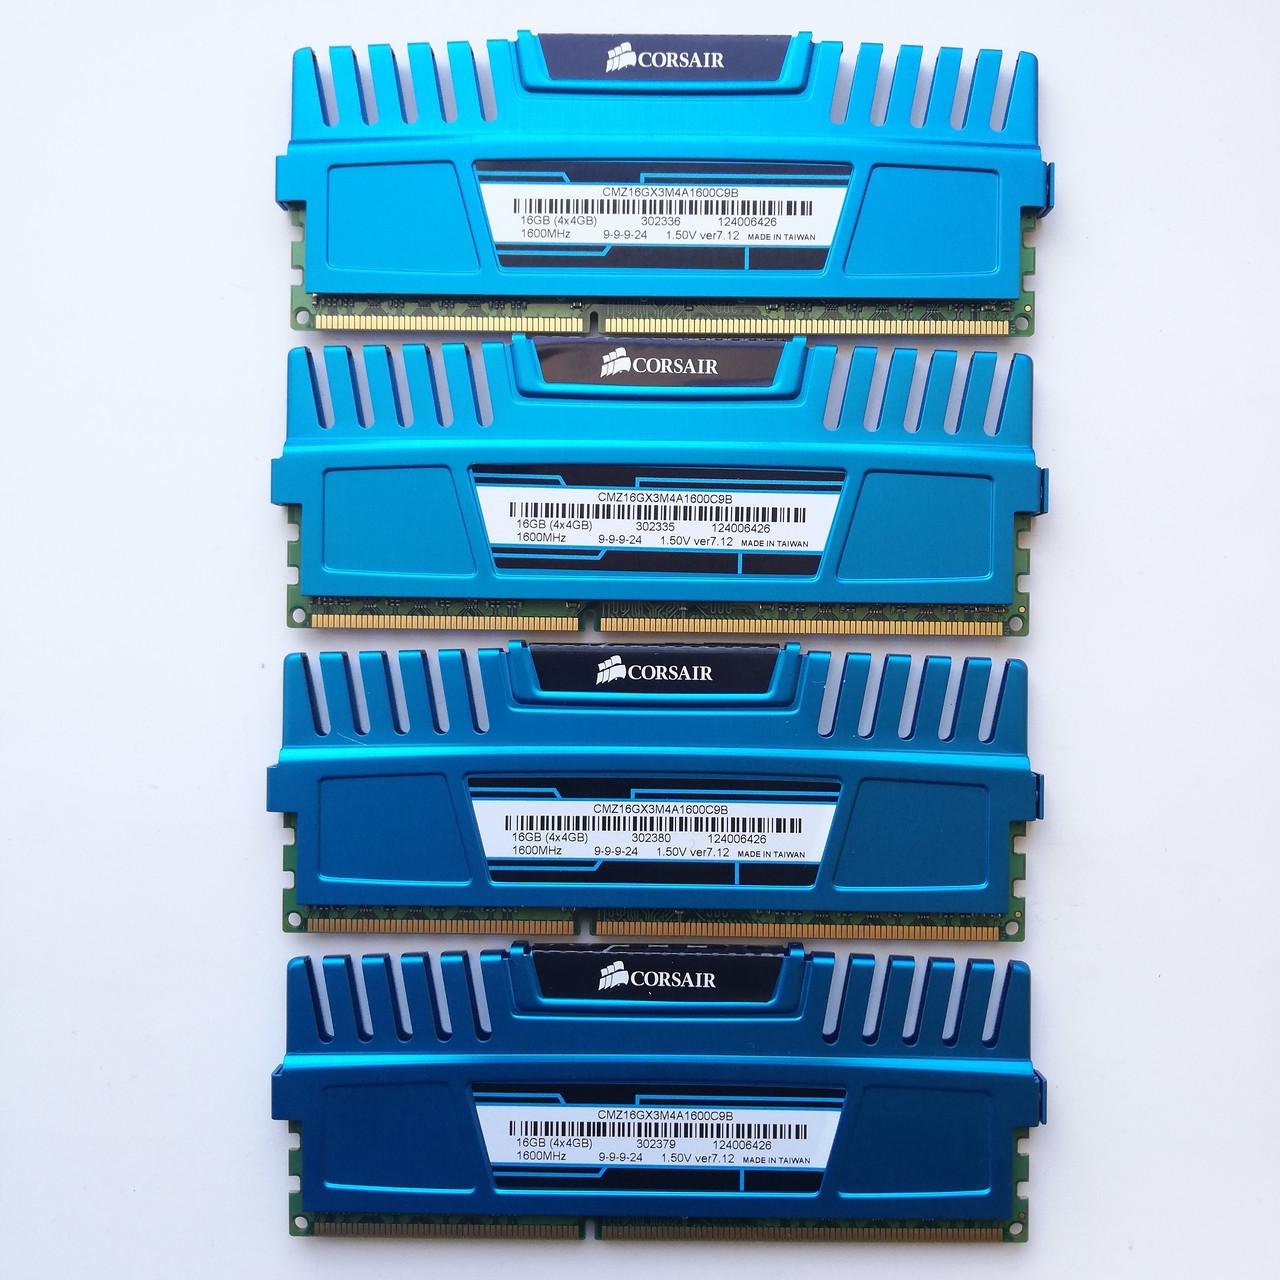 Комплект оперативной памяти Corsair DDR3 16Gb KIT of 4 1600MHz PC3 12800U CL9 (CMZ16GX3M4A1600C9B) Б/У